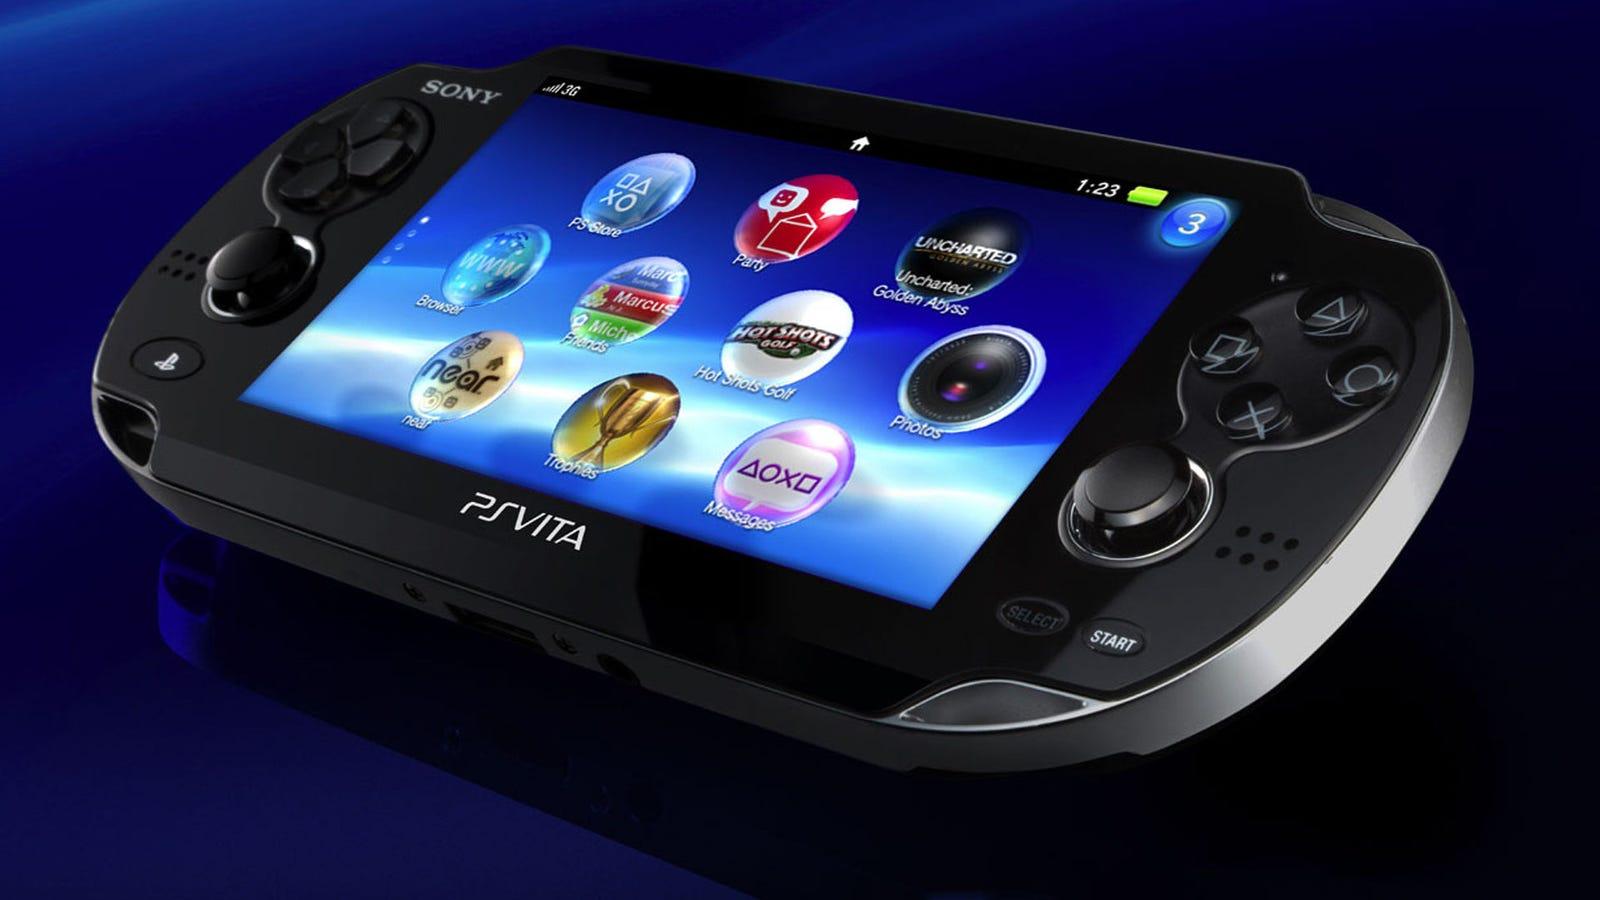 Sony reconoce que la PS Vita no está muerta todavía